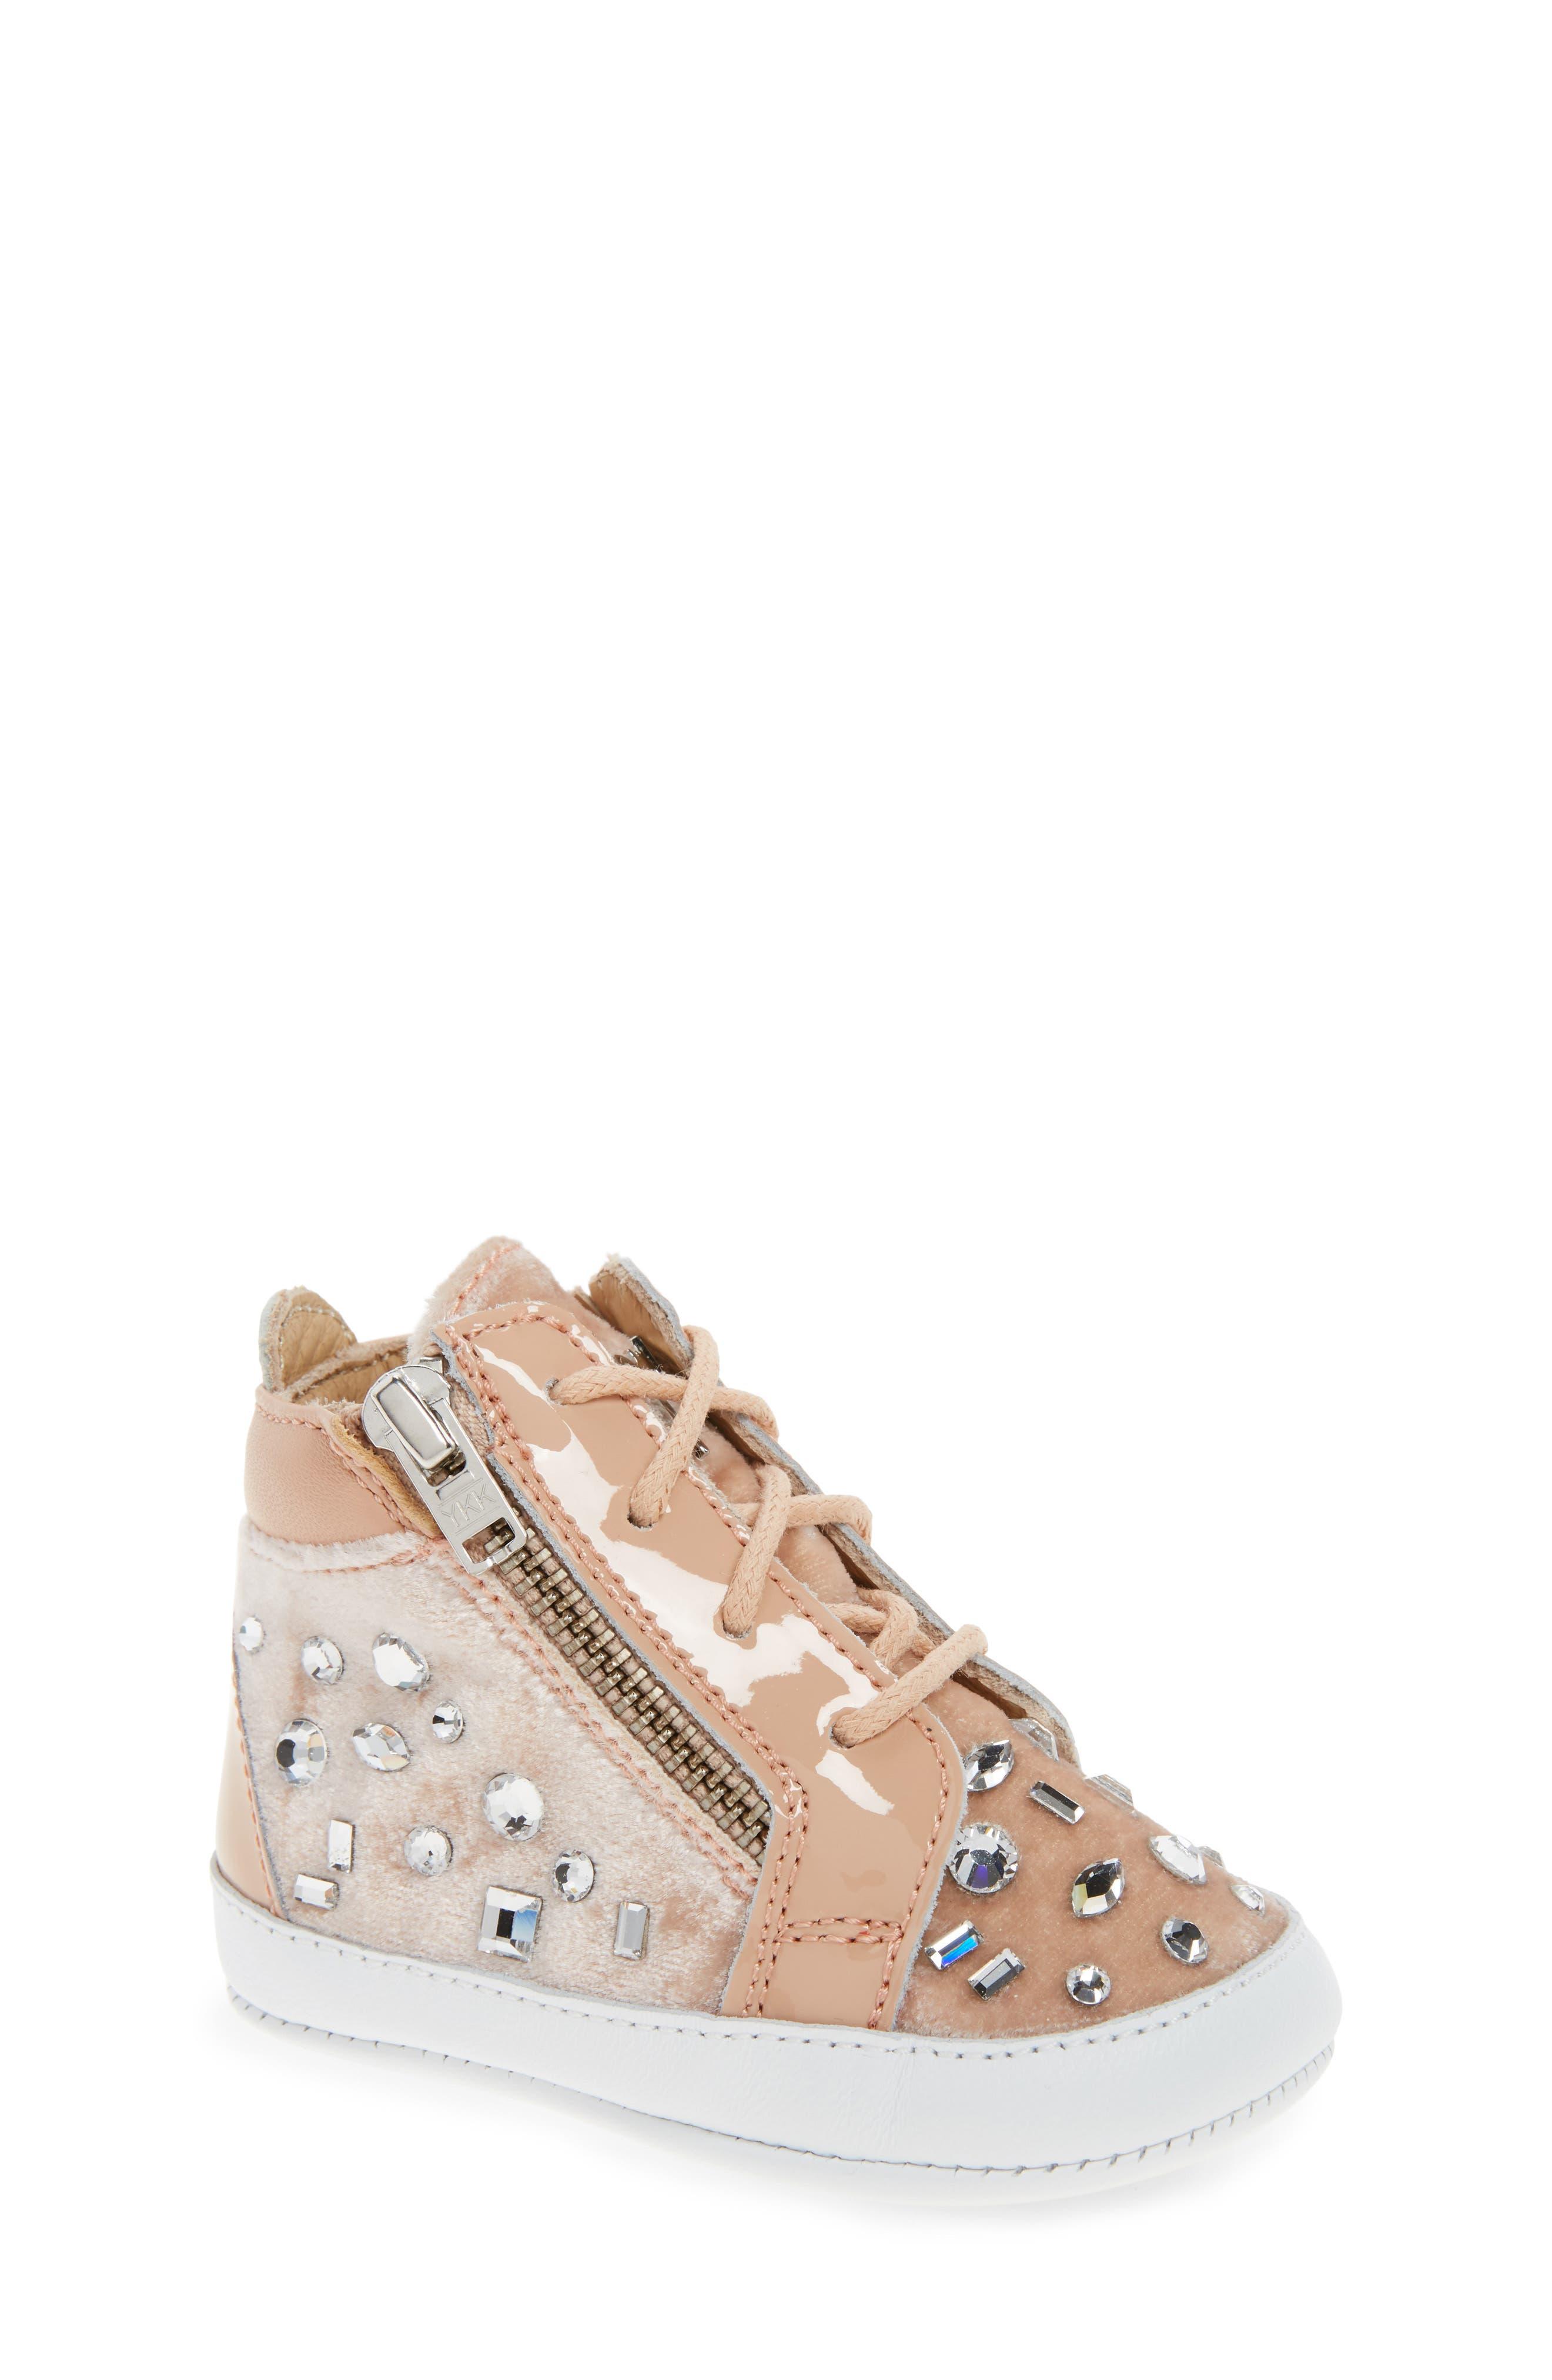 Giuseppe Zanotti Veronica Embellished Sneaker (Baby, Walker, Toddler & Little Kid)